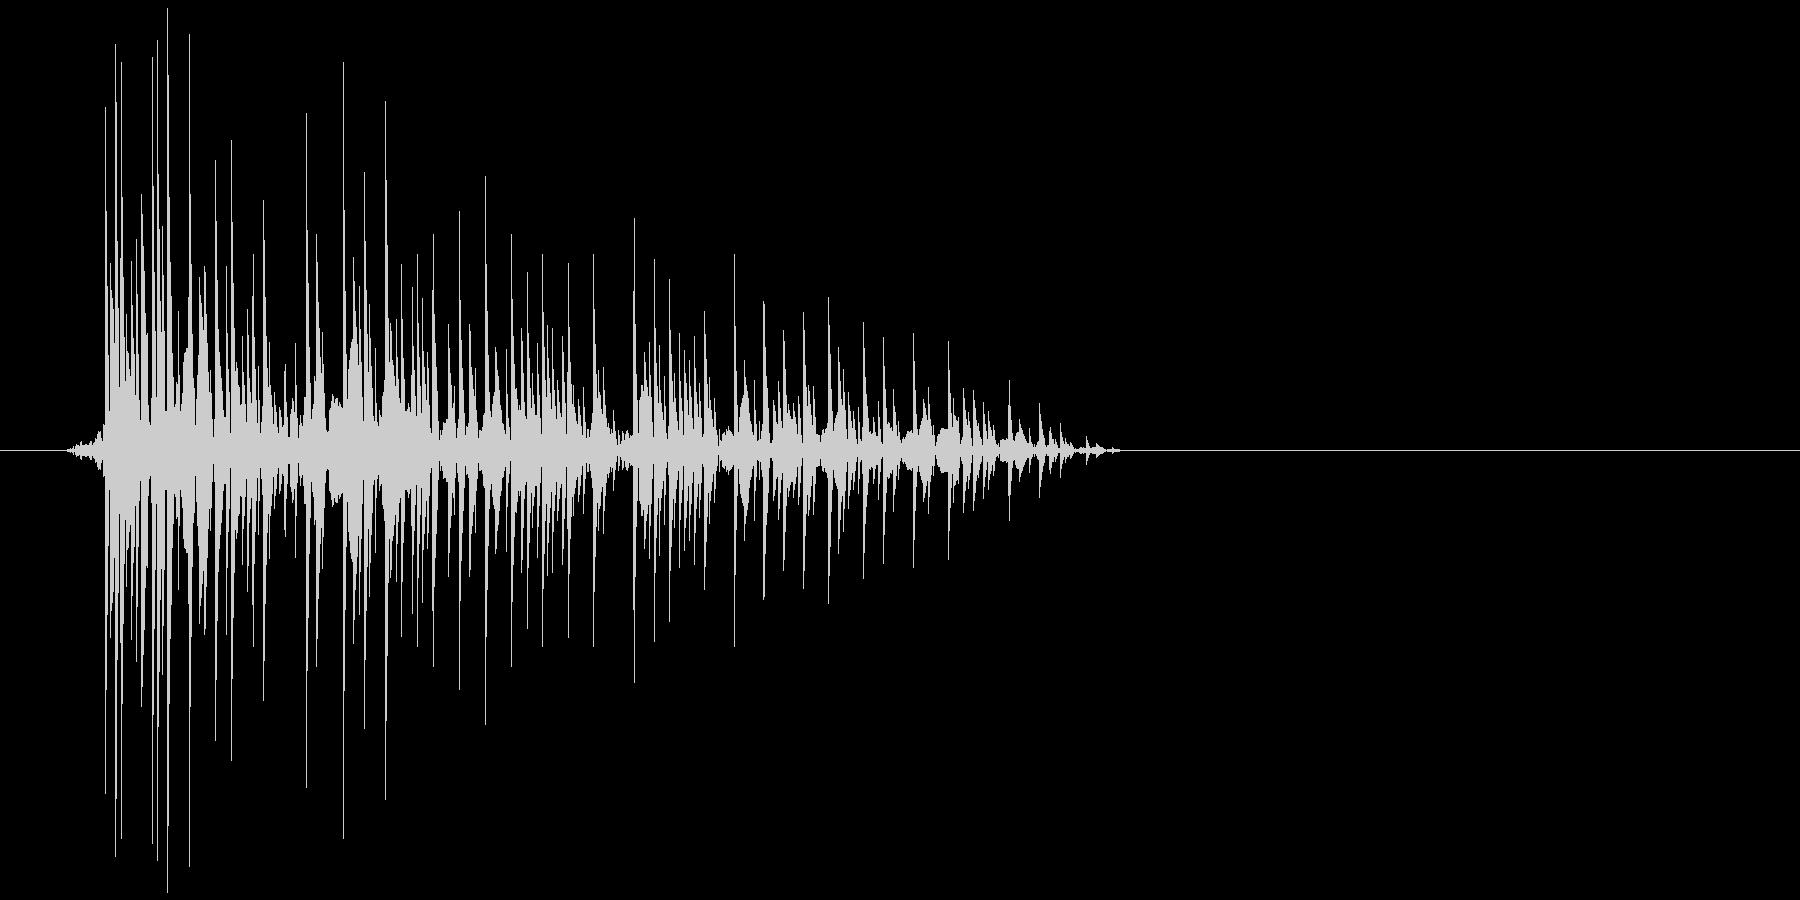 ゲーム(ファミコン風)爆発音_003の未再生の波形